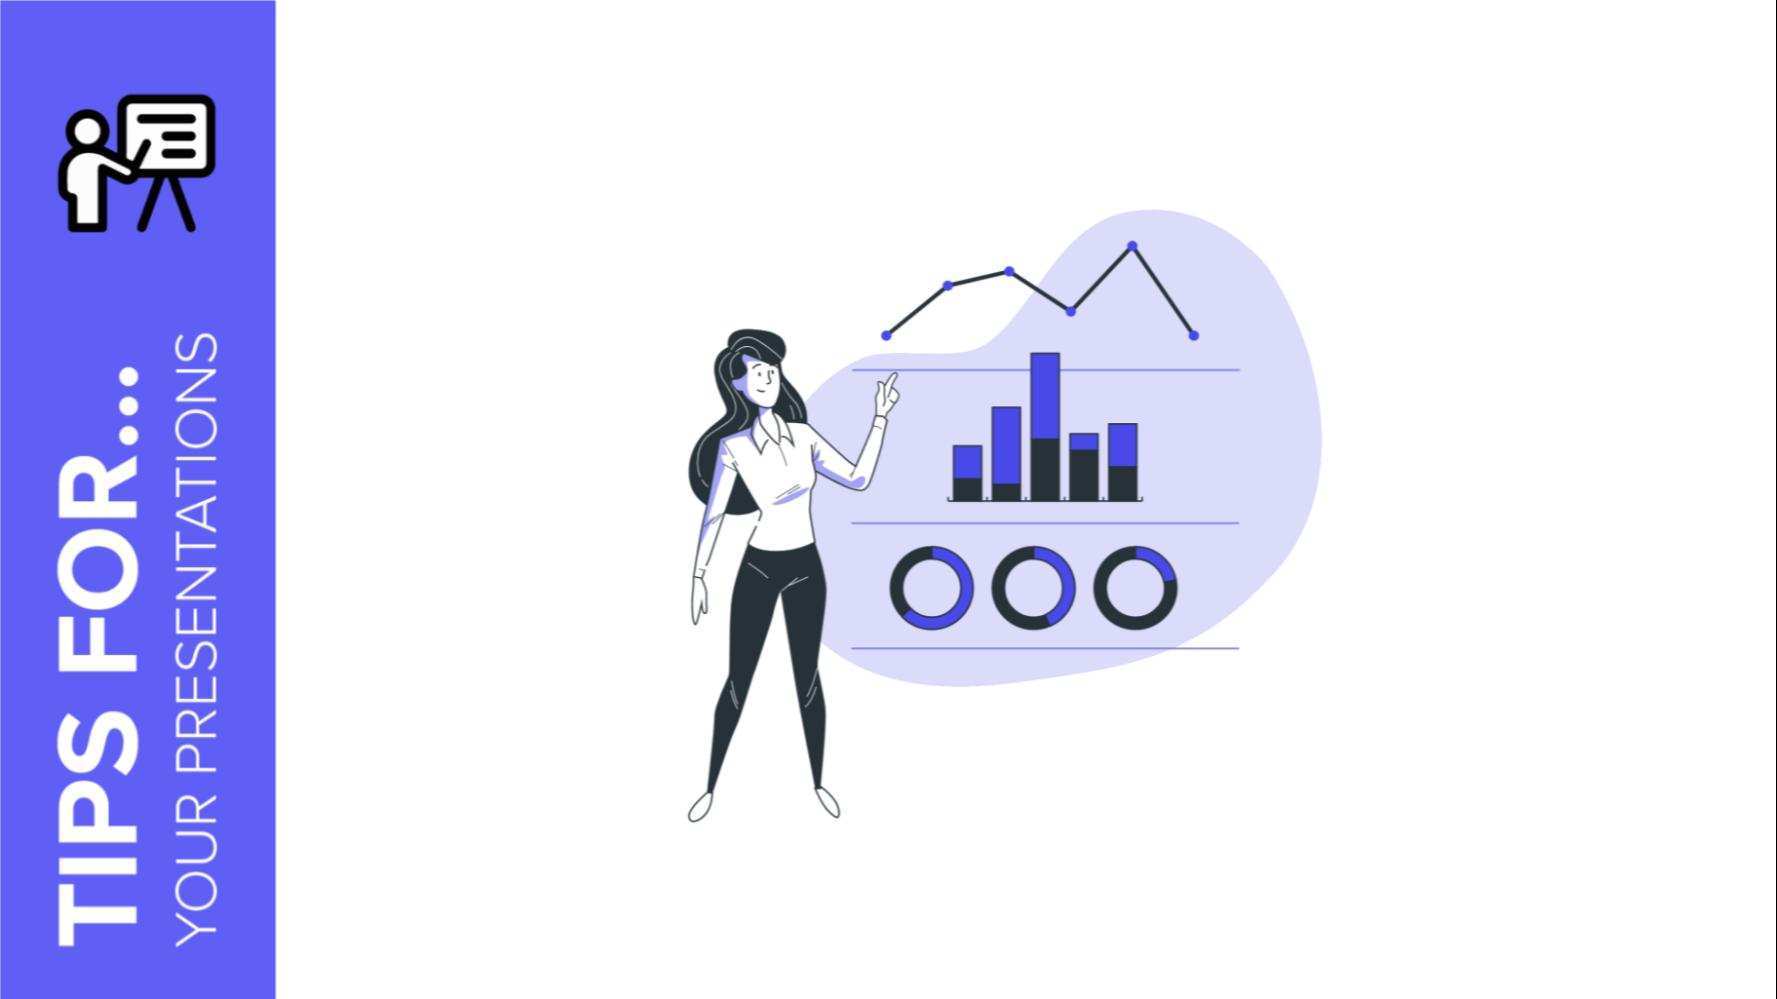 How to create a good business pitch deck | Tutoriels et conseils pour vos présentations